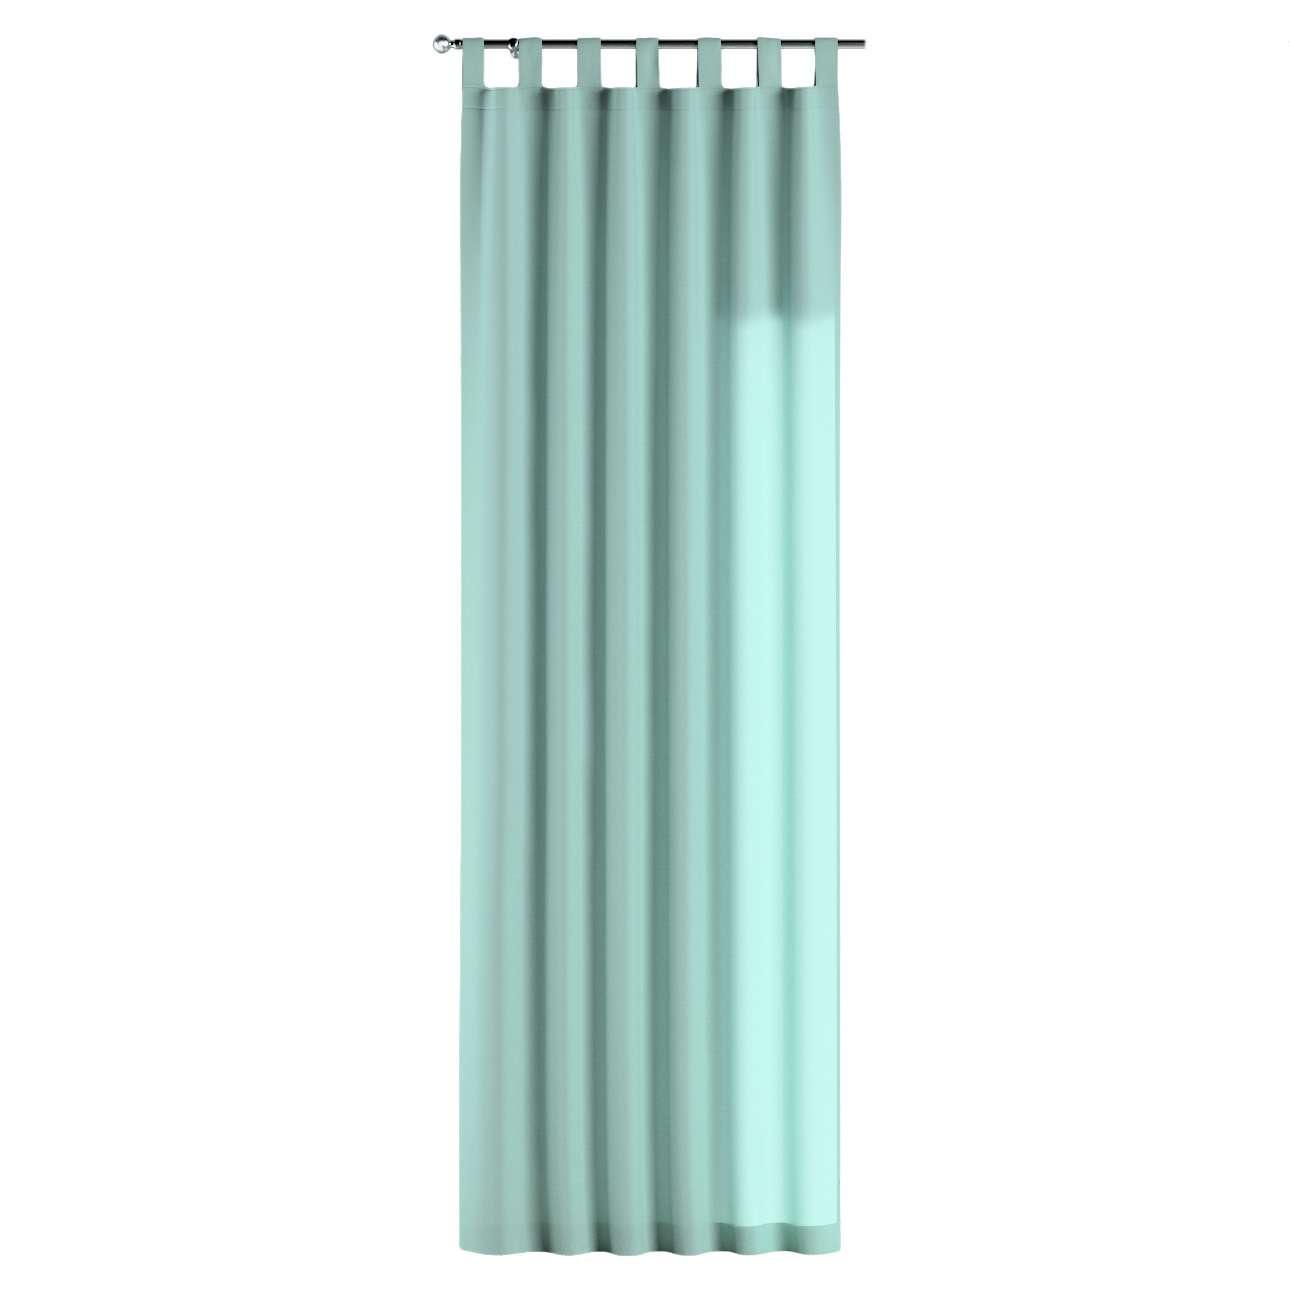 Kilpinio klostavimo užuolaidos 130 x 260 cm (plotis x ilgis) kolekcijoje Loneta , audinys: 133-32